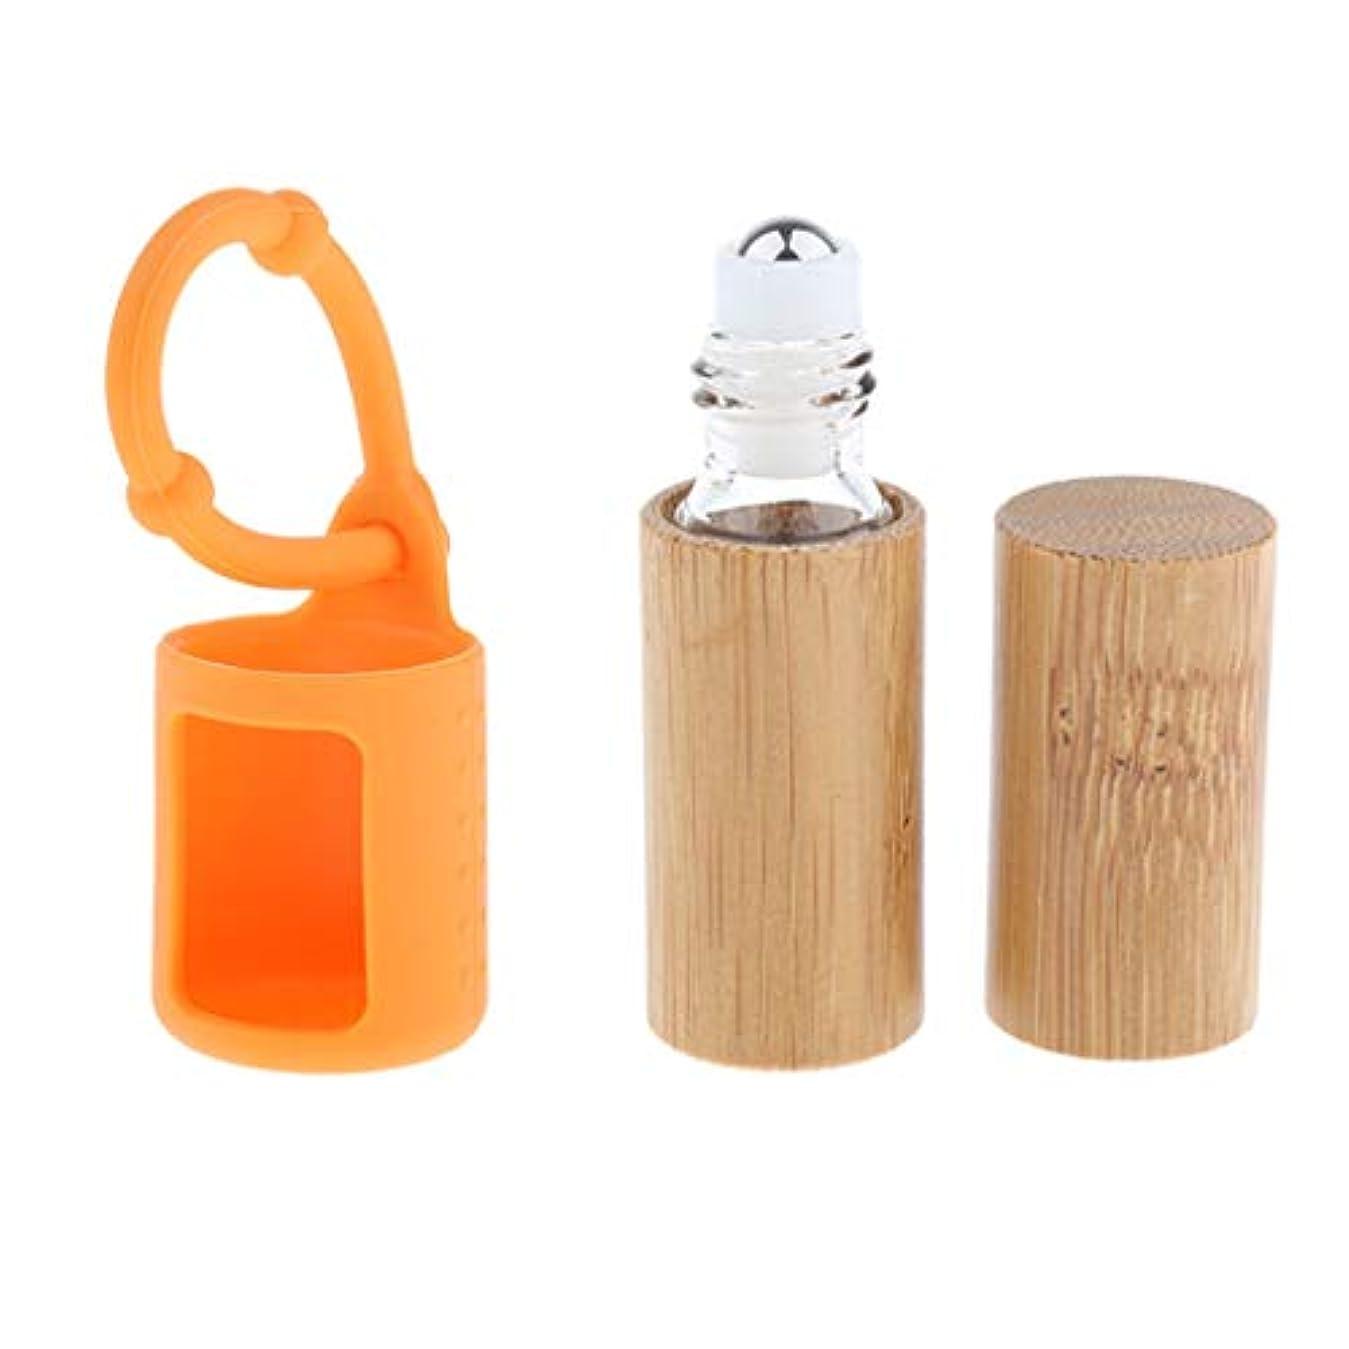 パケット質素な鉄道D DOLITY 竹ボトル エッセンシャルオイル 香水 オイル 精油瓶 詰め替え 5ミリ 吊り掛けバッグ付